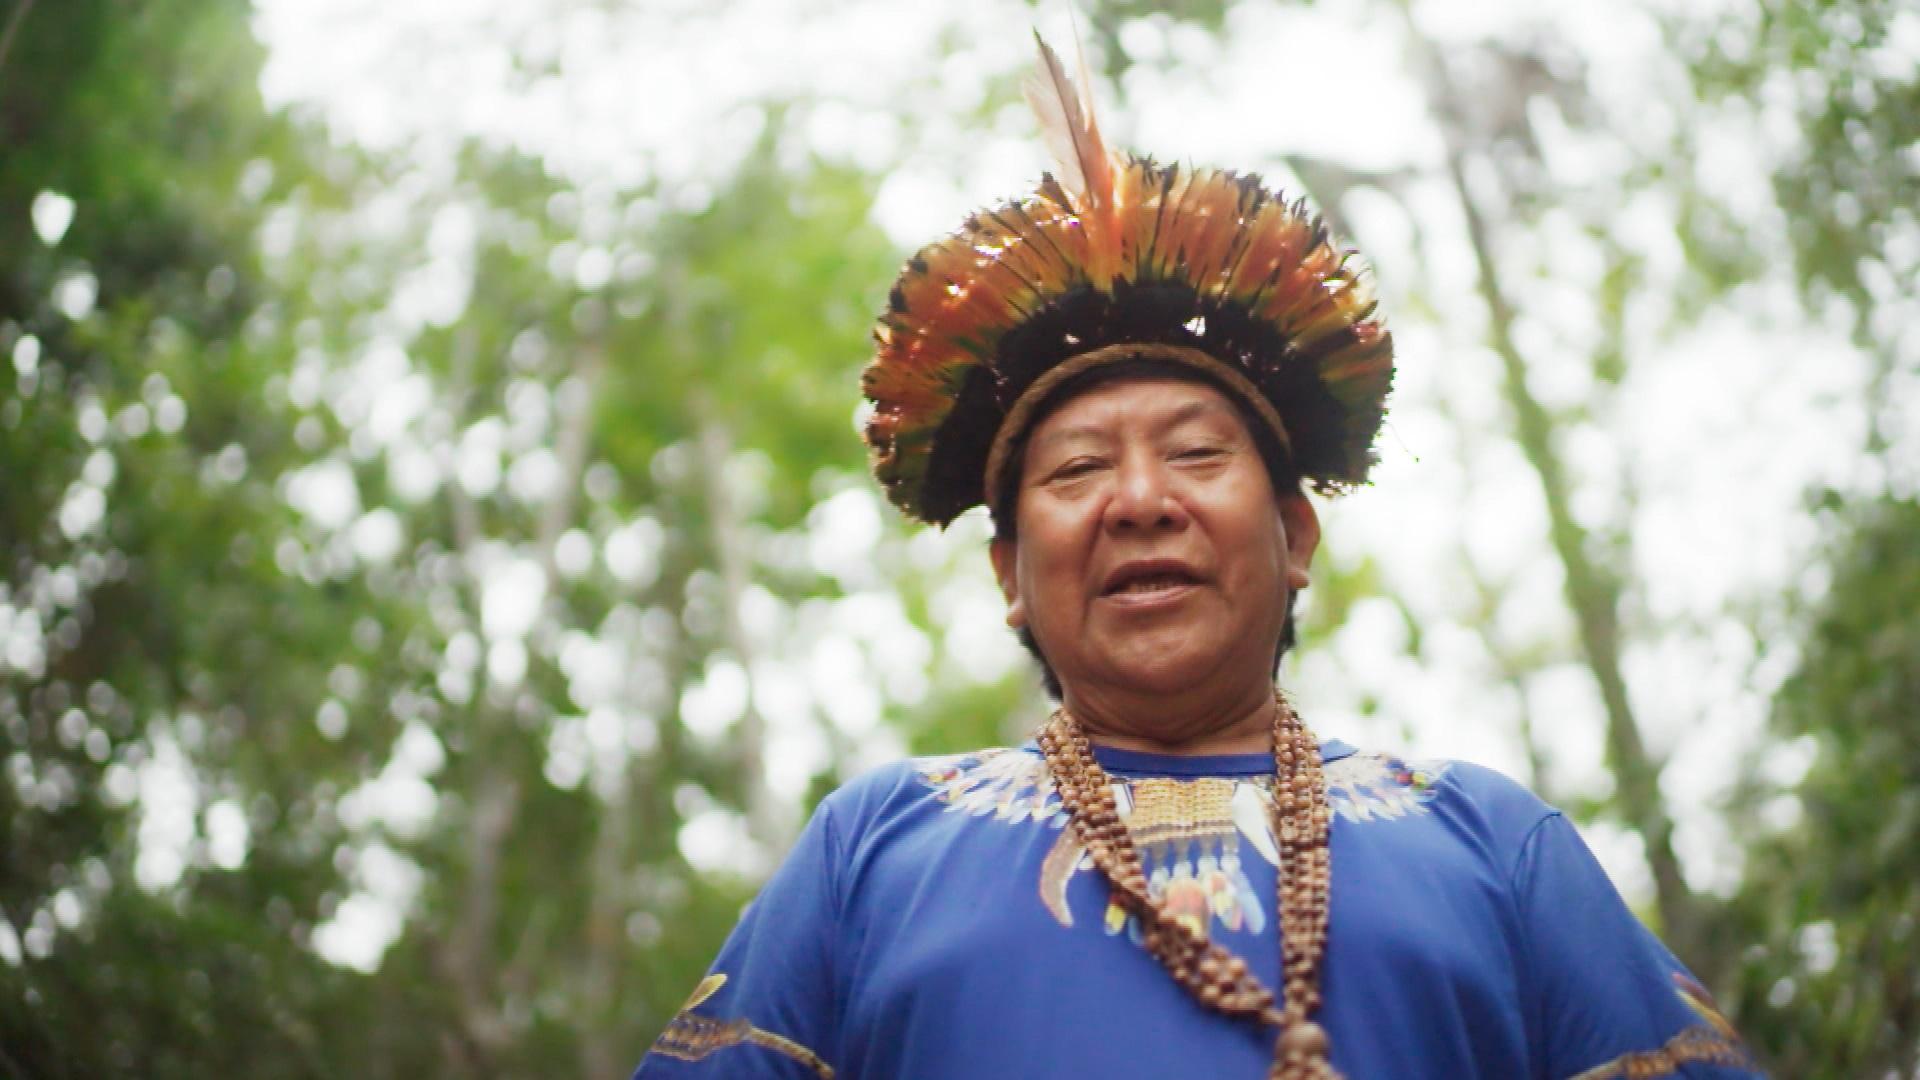 """O xamã Davi Kopenawa Yanomami e sua mensagem: """"Vamos parar e achar solução: sem a floresta, sem a árvore, sem a água, não tem a vida"""" (Foto: Tv Globo)"""